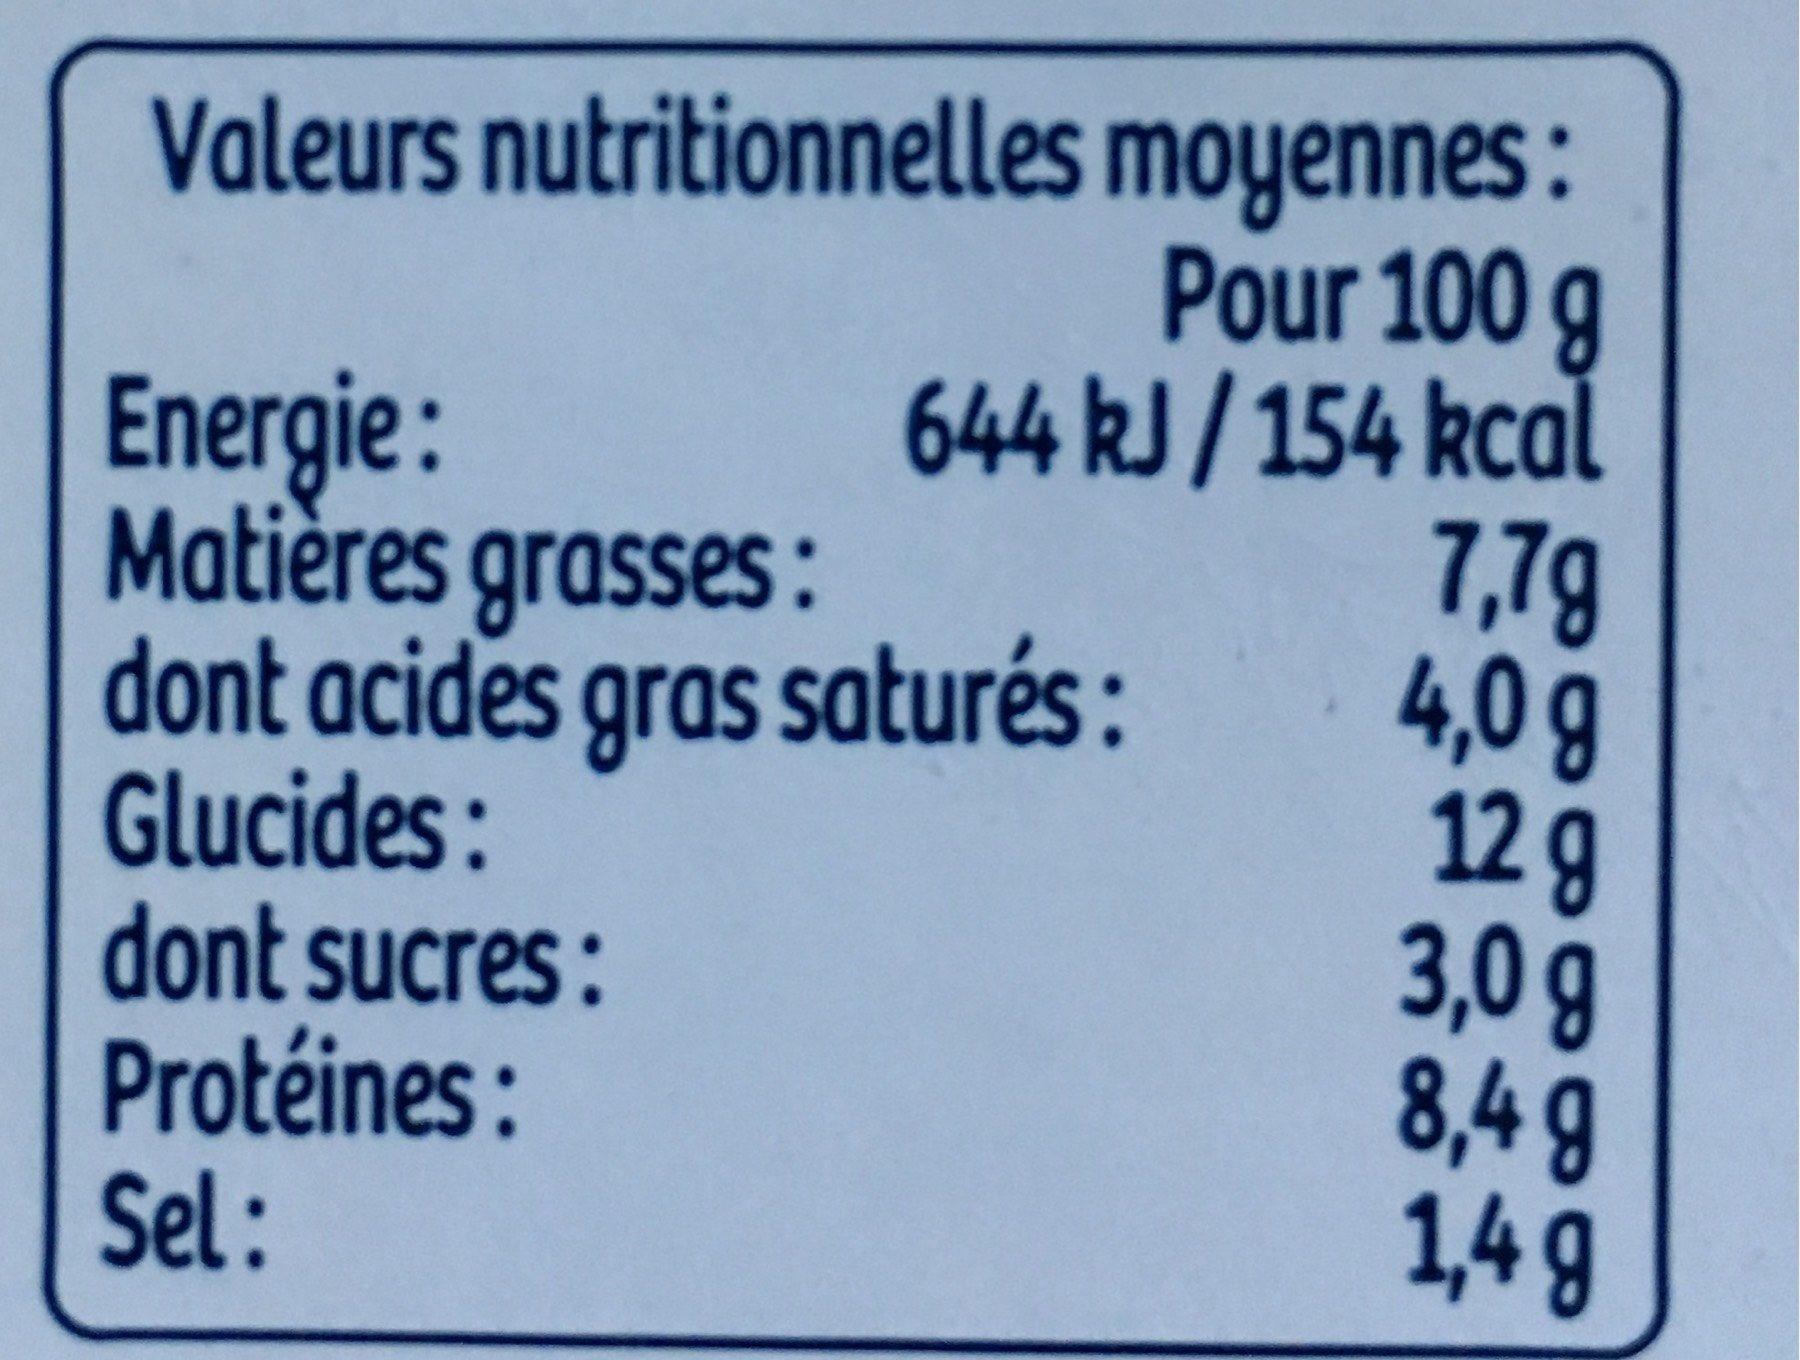 Les lasagnes du poissonniers - Nutrition facts - fr